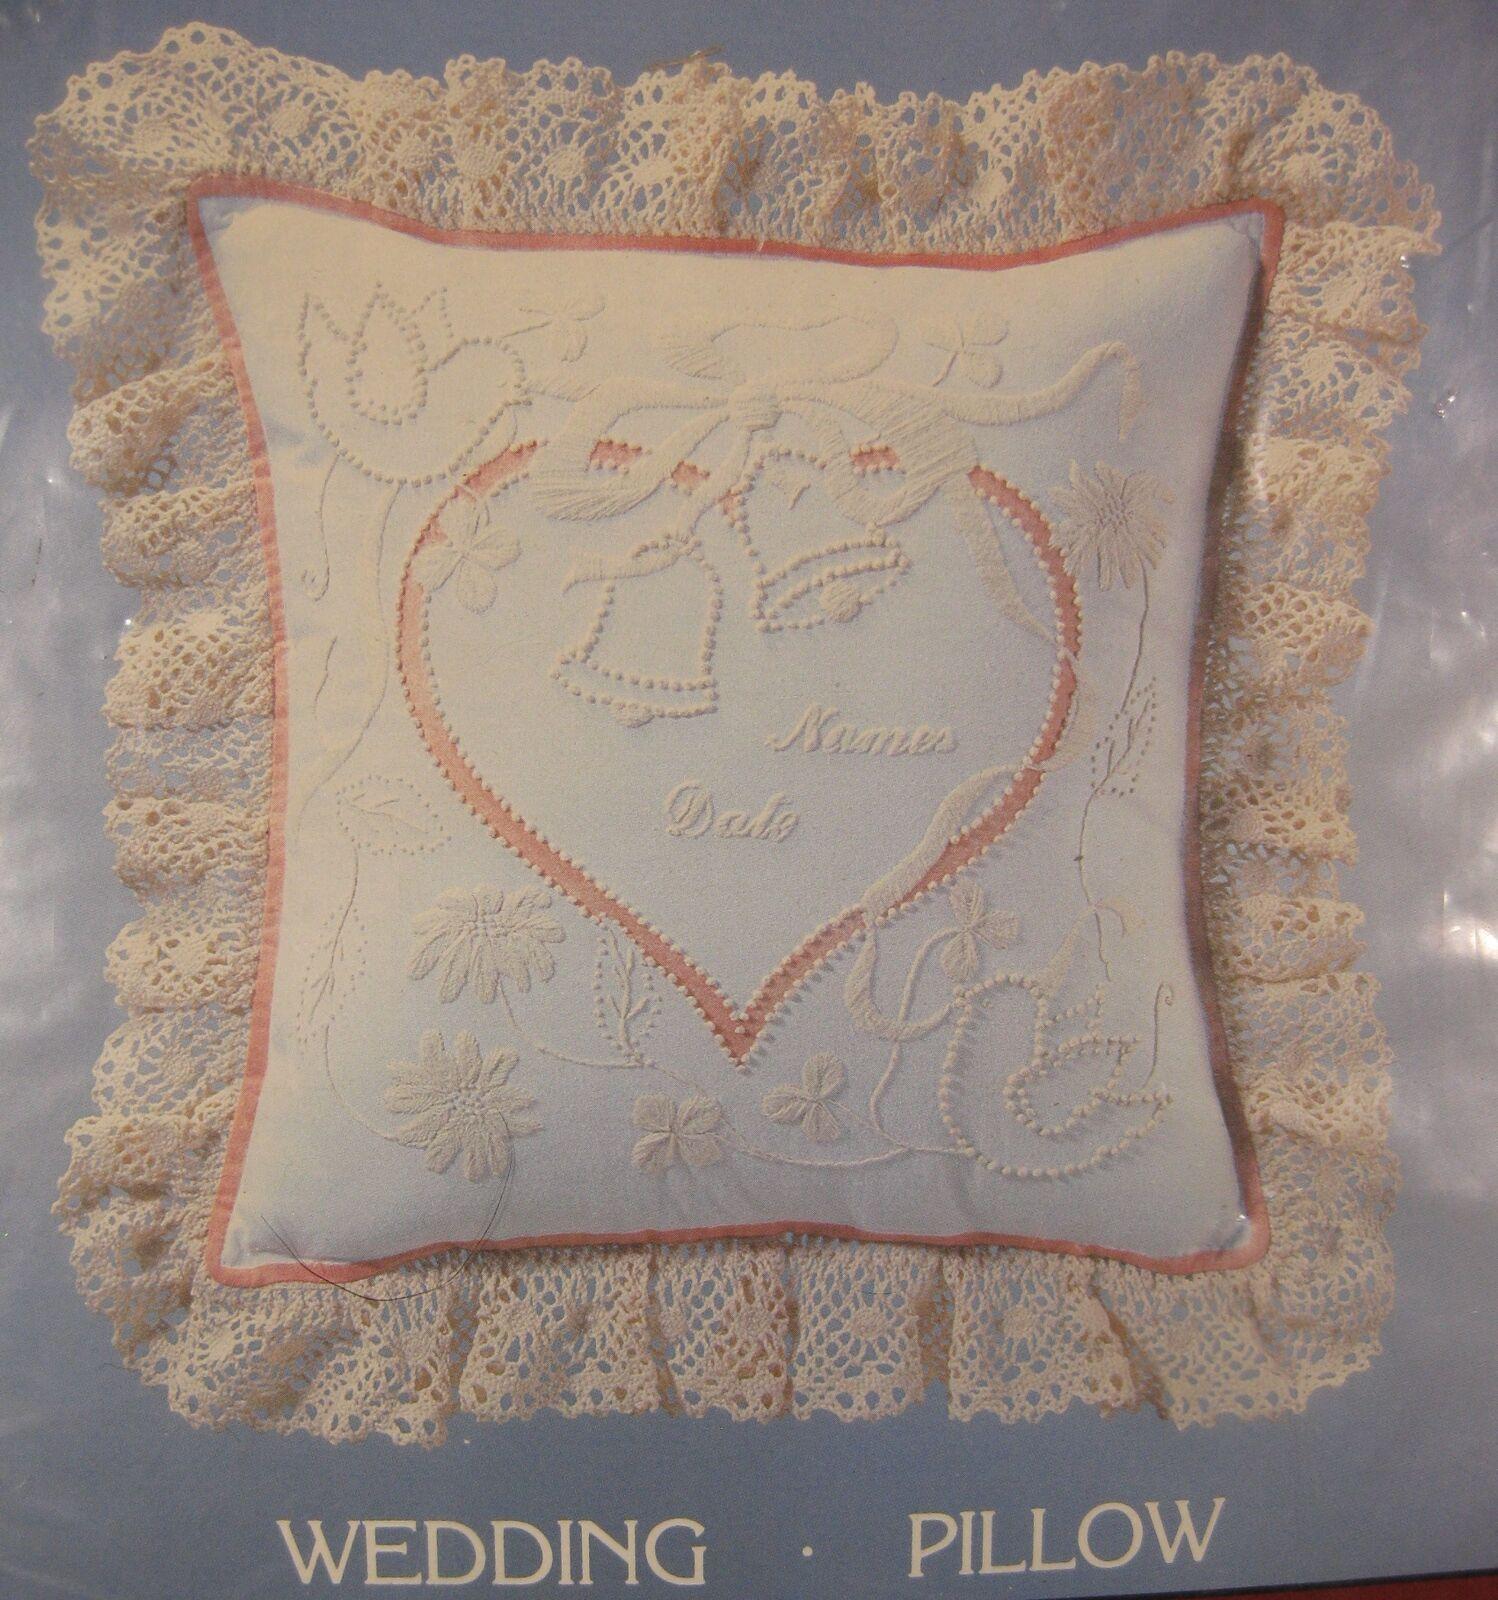 Cathy Needlecraft Wedding Pillow 7955 Sealed Candlewicking Kit 14x14 Vintage - $17.95